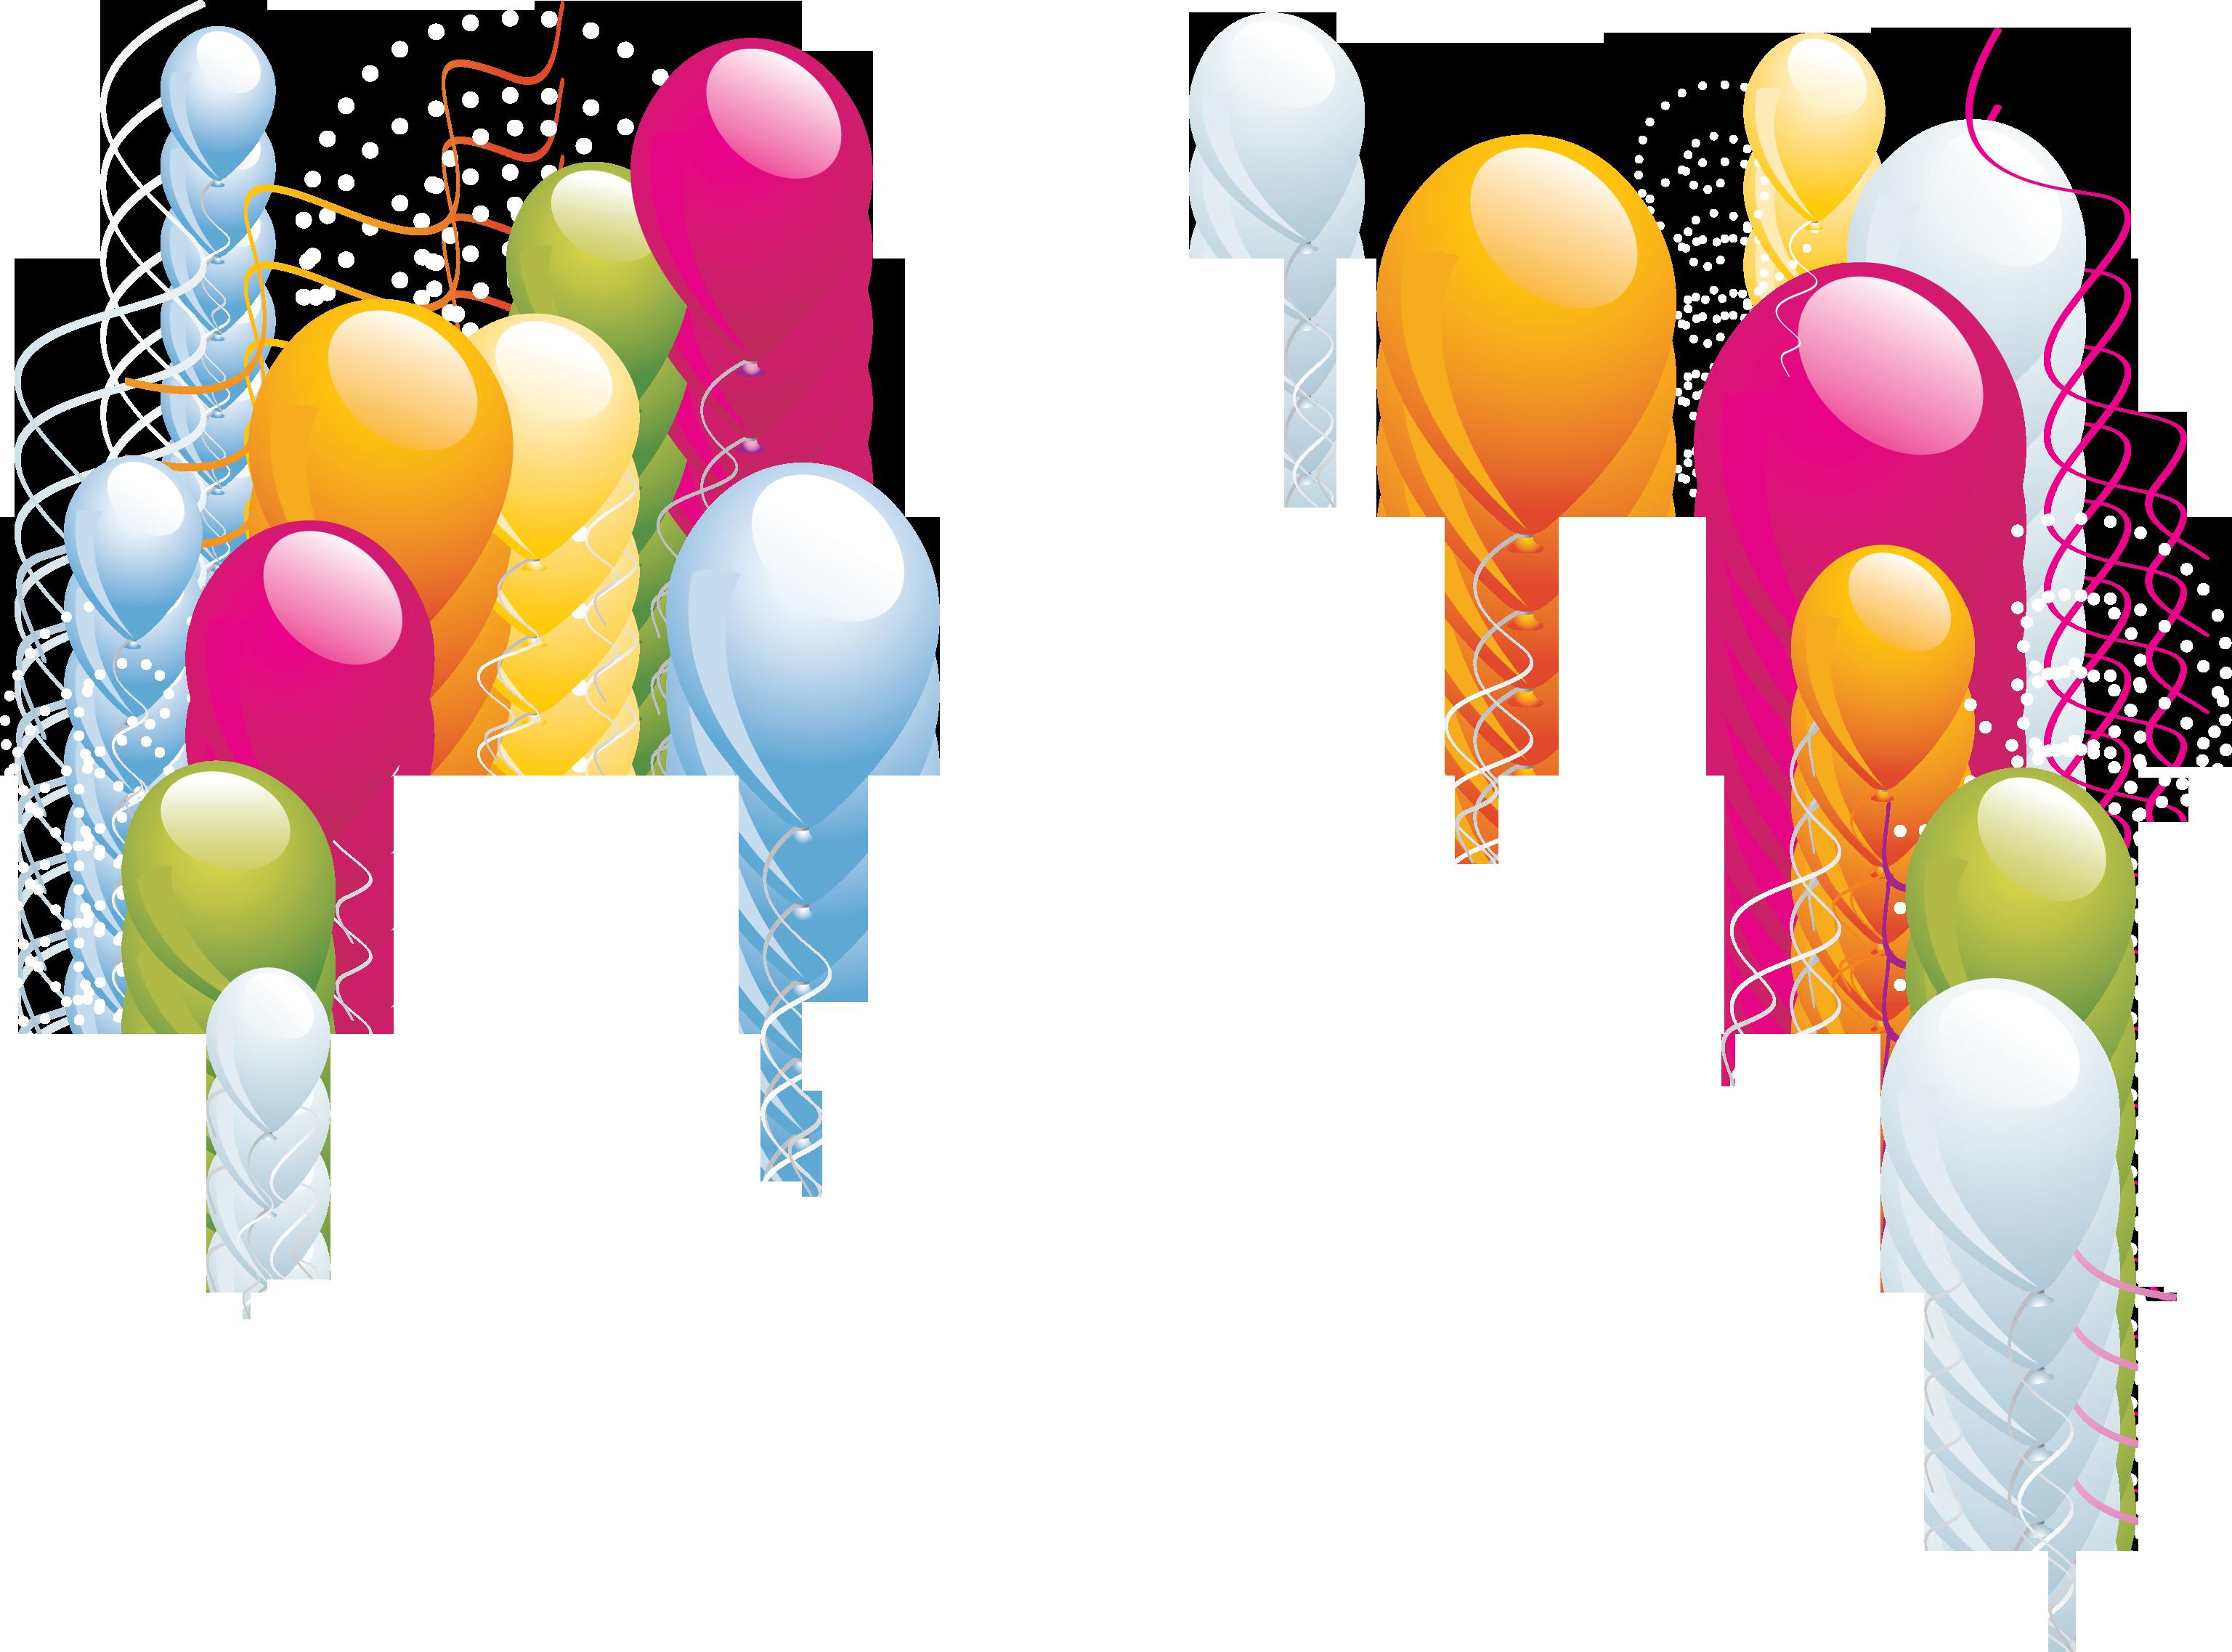 Скачать картинки с днем рождения для детей бесплатно 12